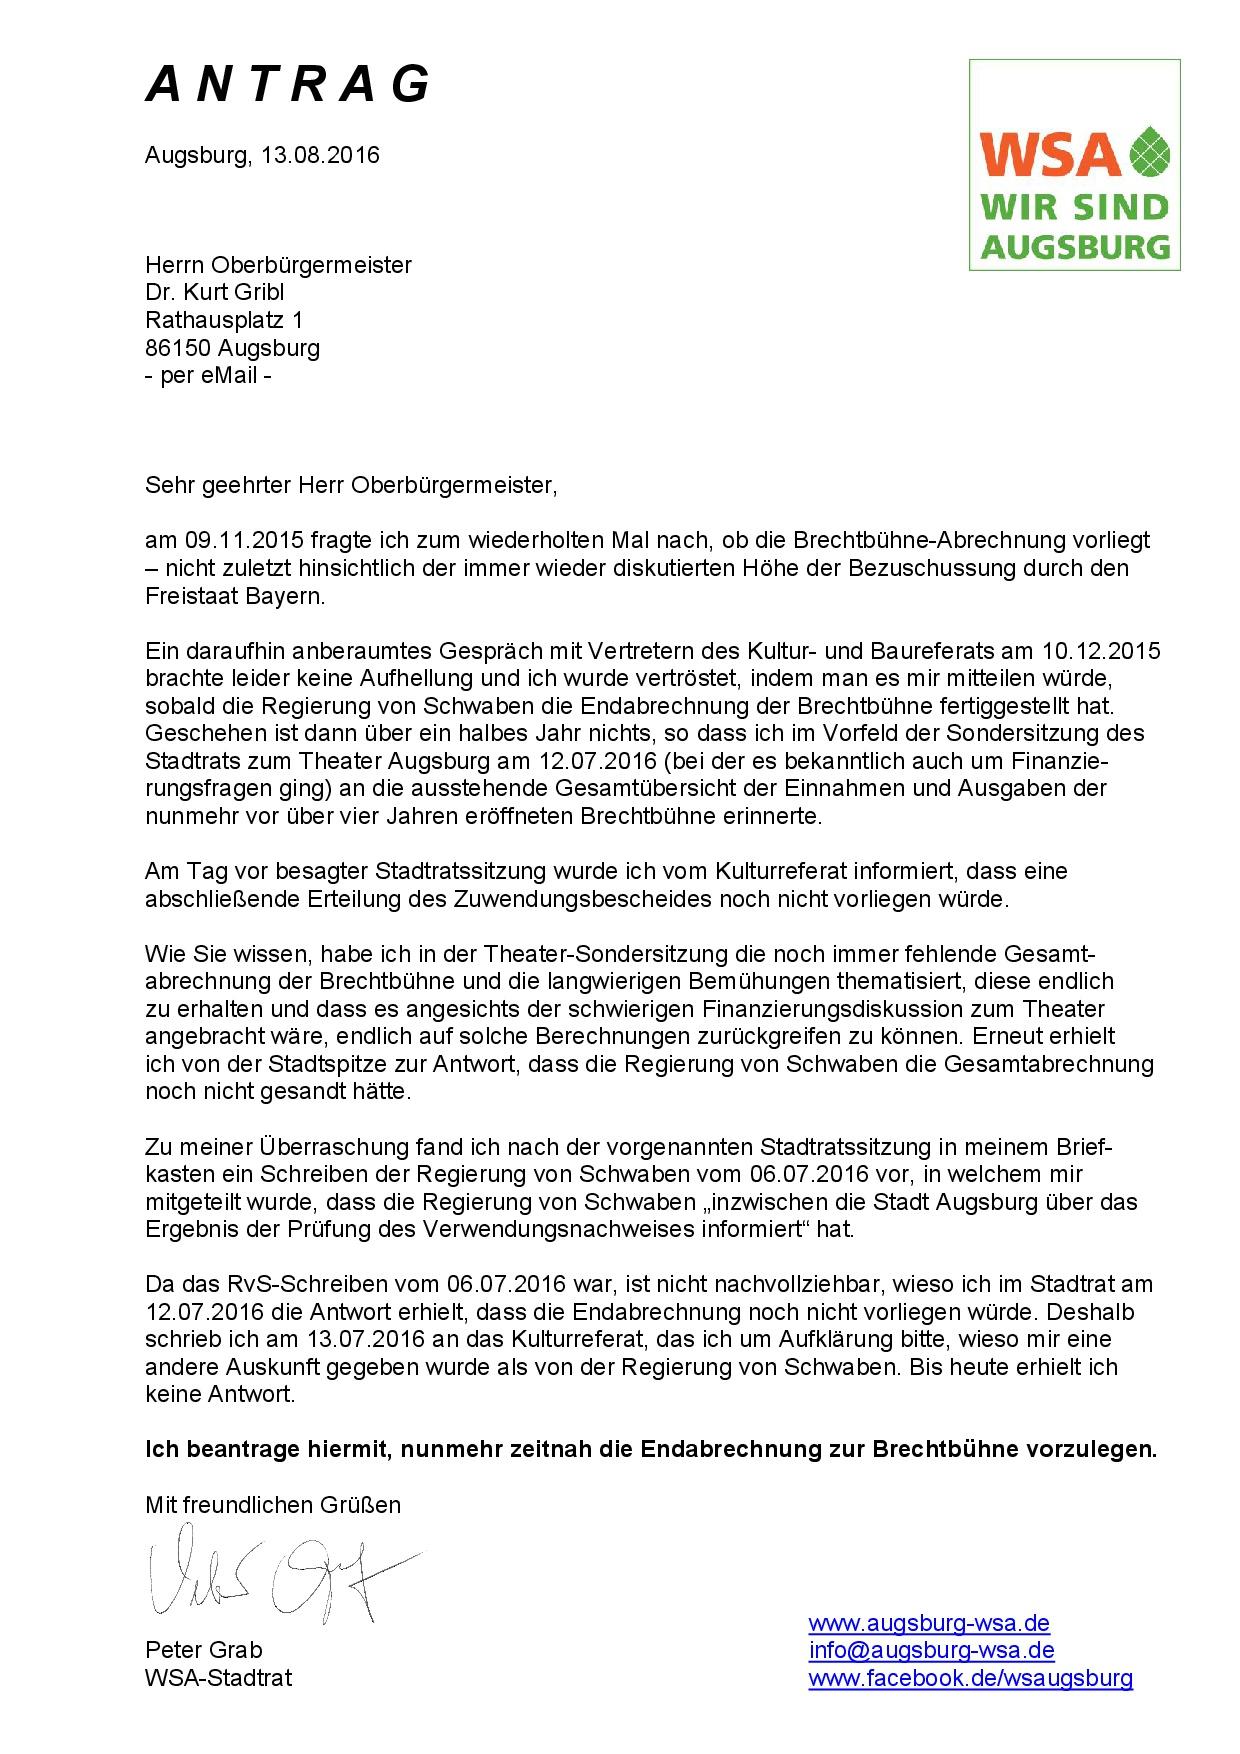 WSA-Antrag vom 13.08.2016 zur Brechtbühne